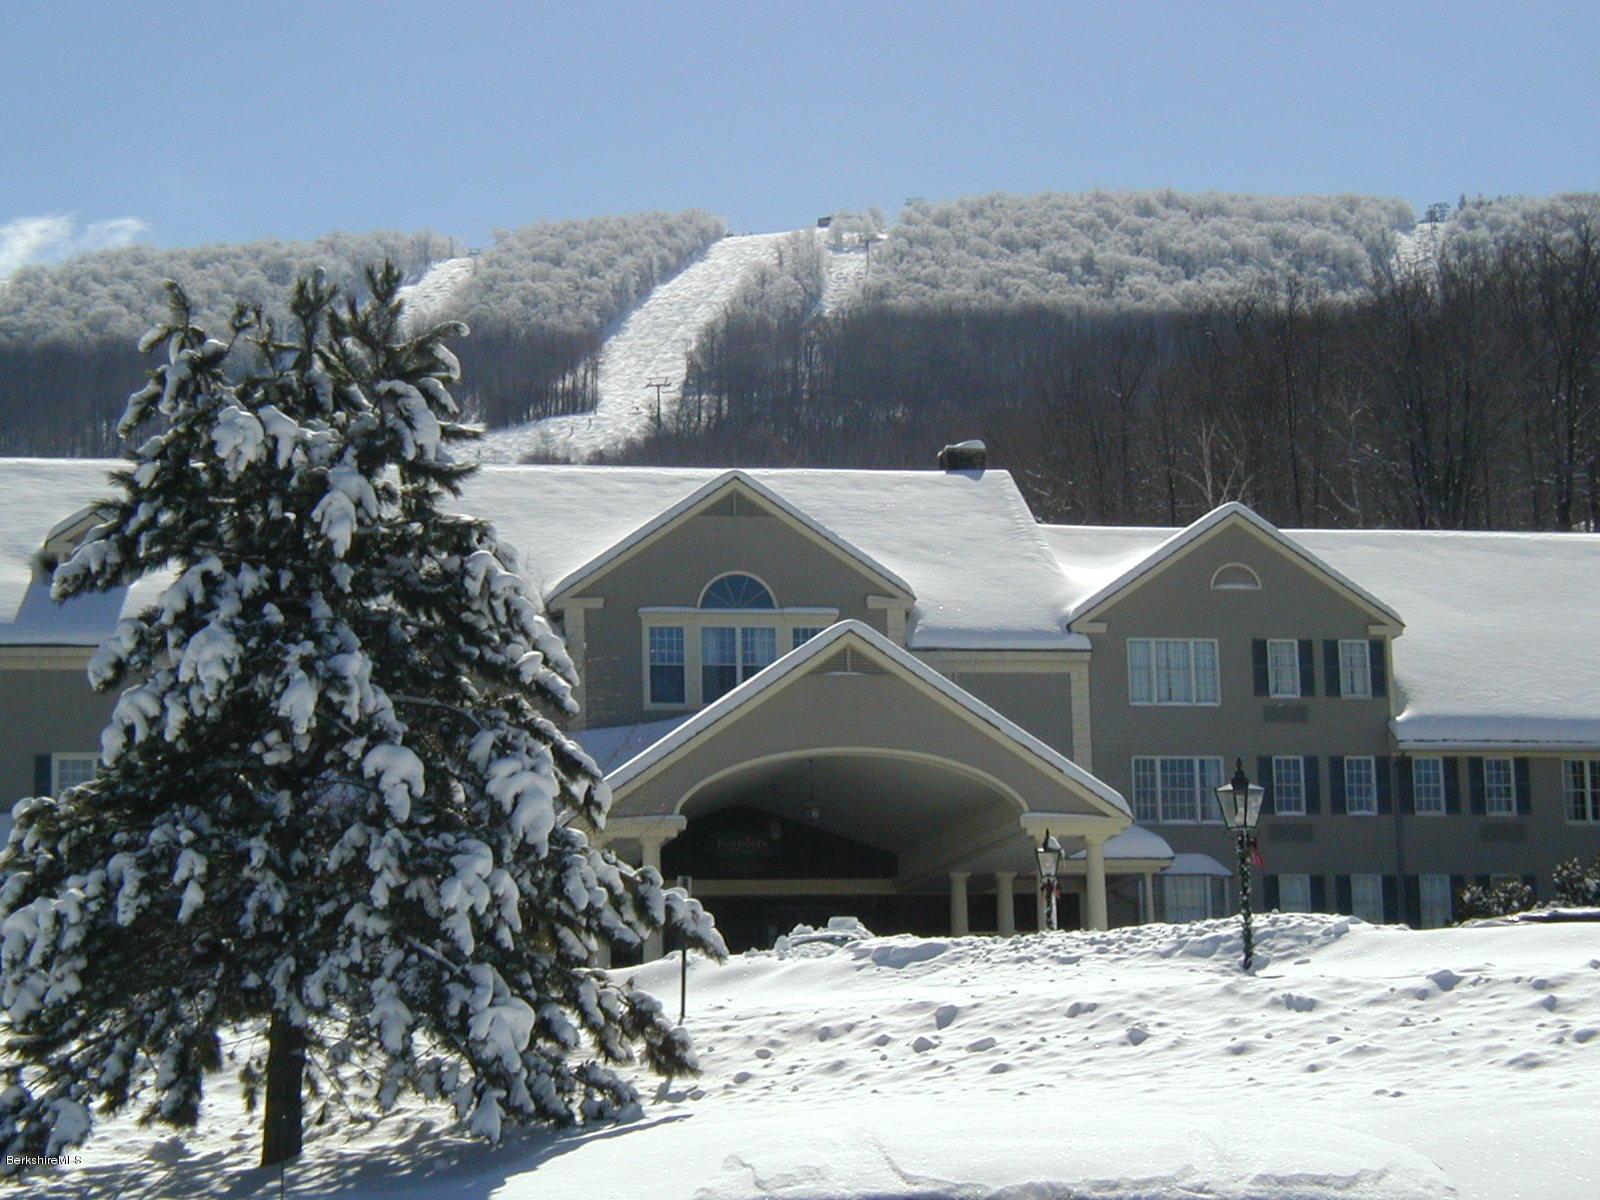 37 Corey Rd, Hancock, Massachusetts 01237, 1 Bedroom Bedrooms, 3 Rooms Rooms,1 BathroomBathrooms,Condominium,For Sale,Corey Rd,229763